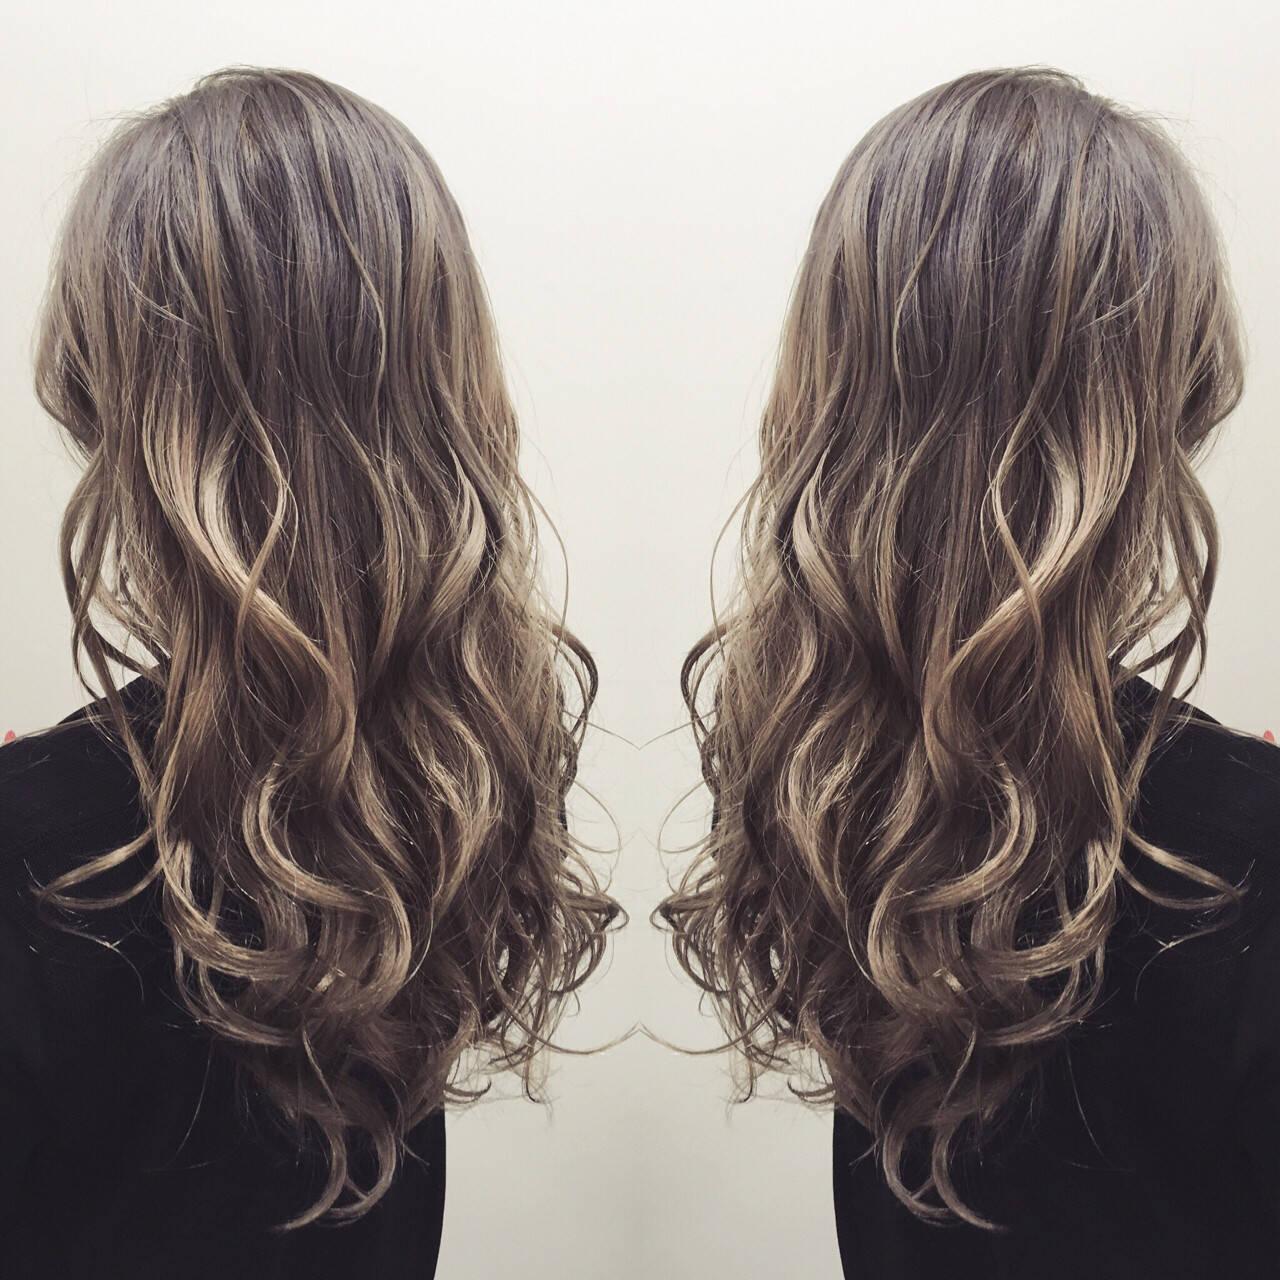 グラデーションカラー ガーリー ロング アッシュヘアスタイルや髪型の写真・画像